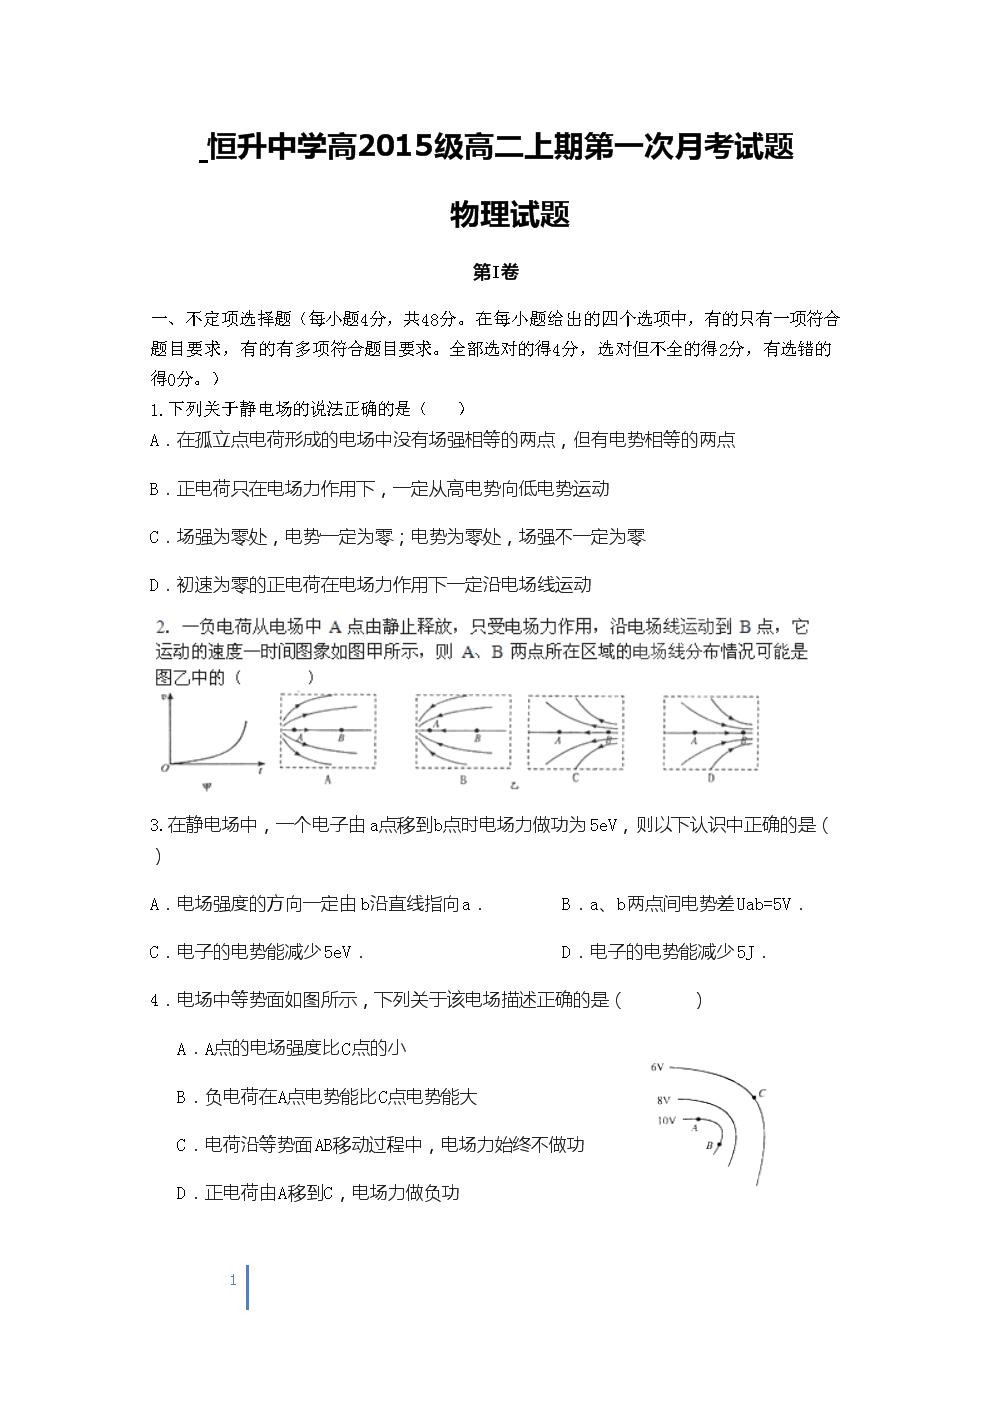 恒升中学高2015级高二上期第一次月考试题.doc